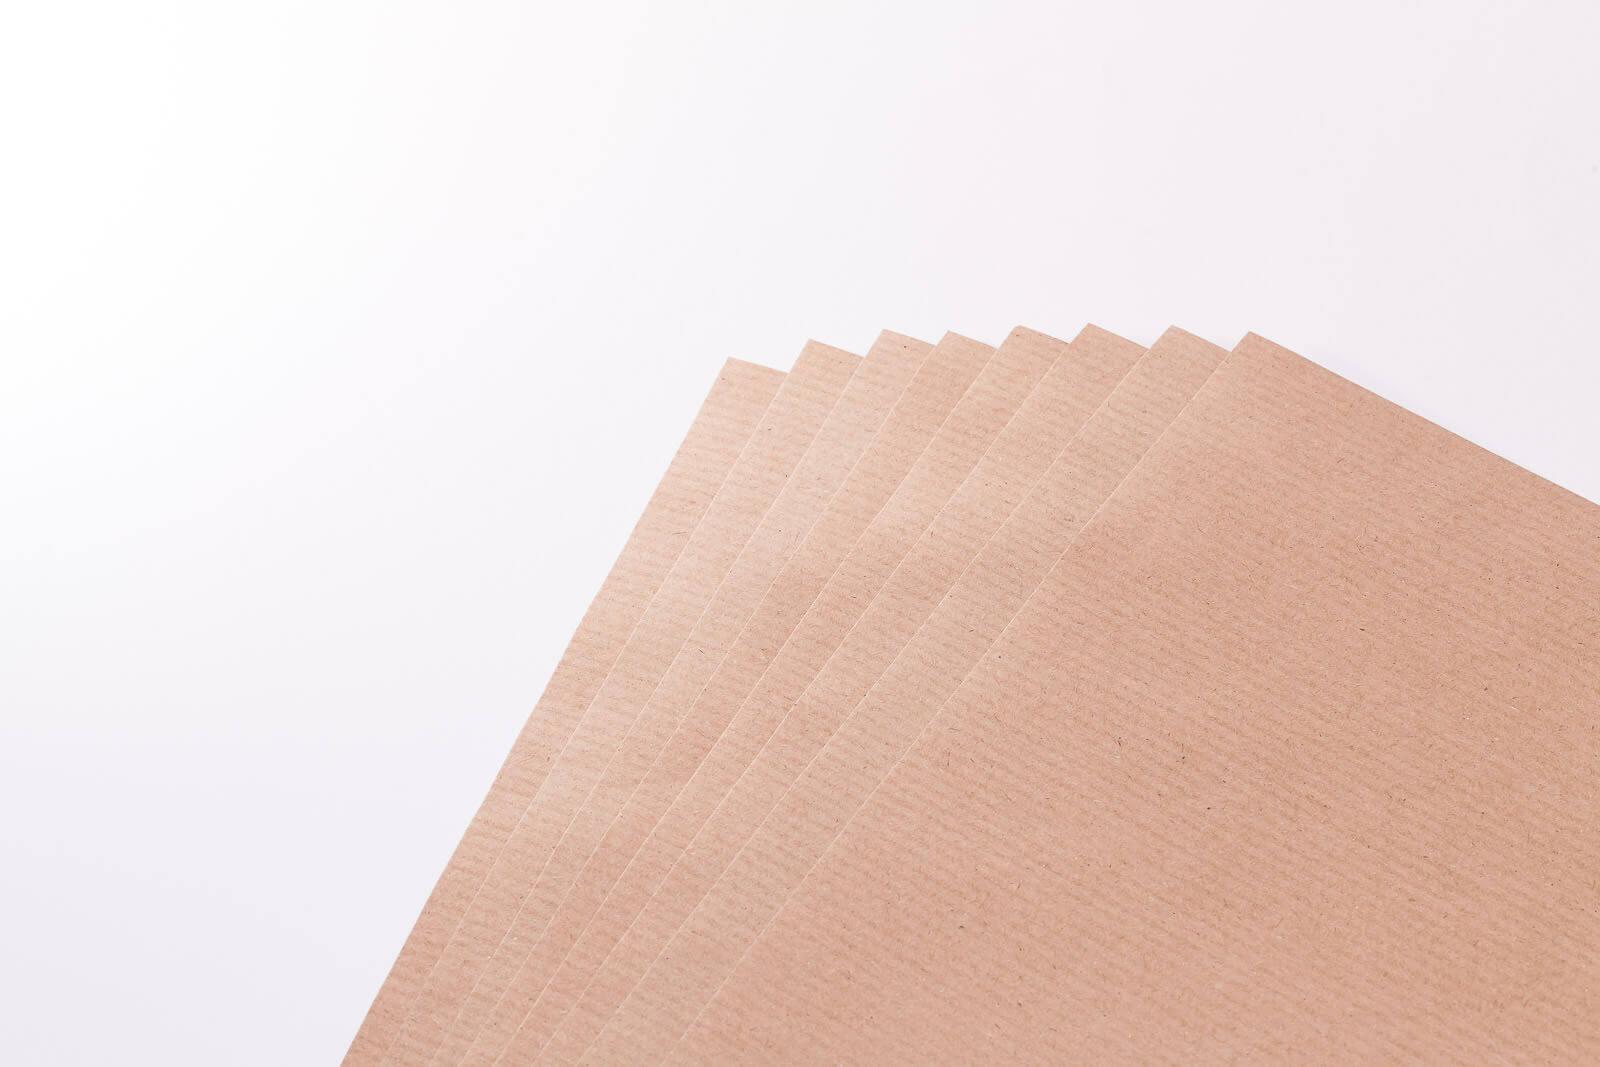 Eine Nahaufnahme von mehreren braunen Natron-Packpapier Bögen